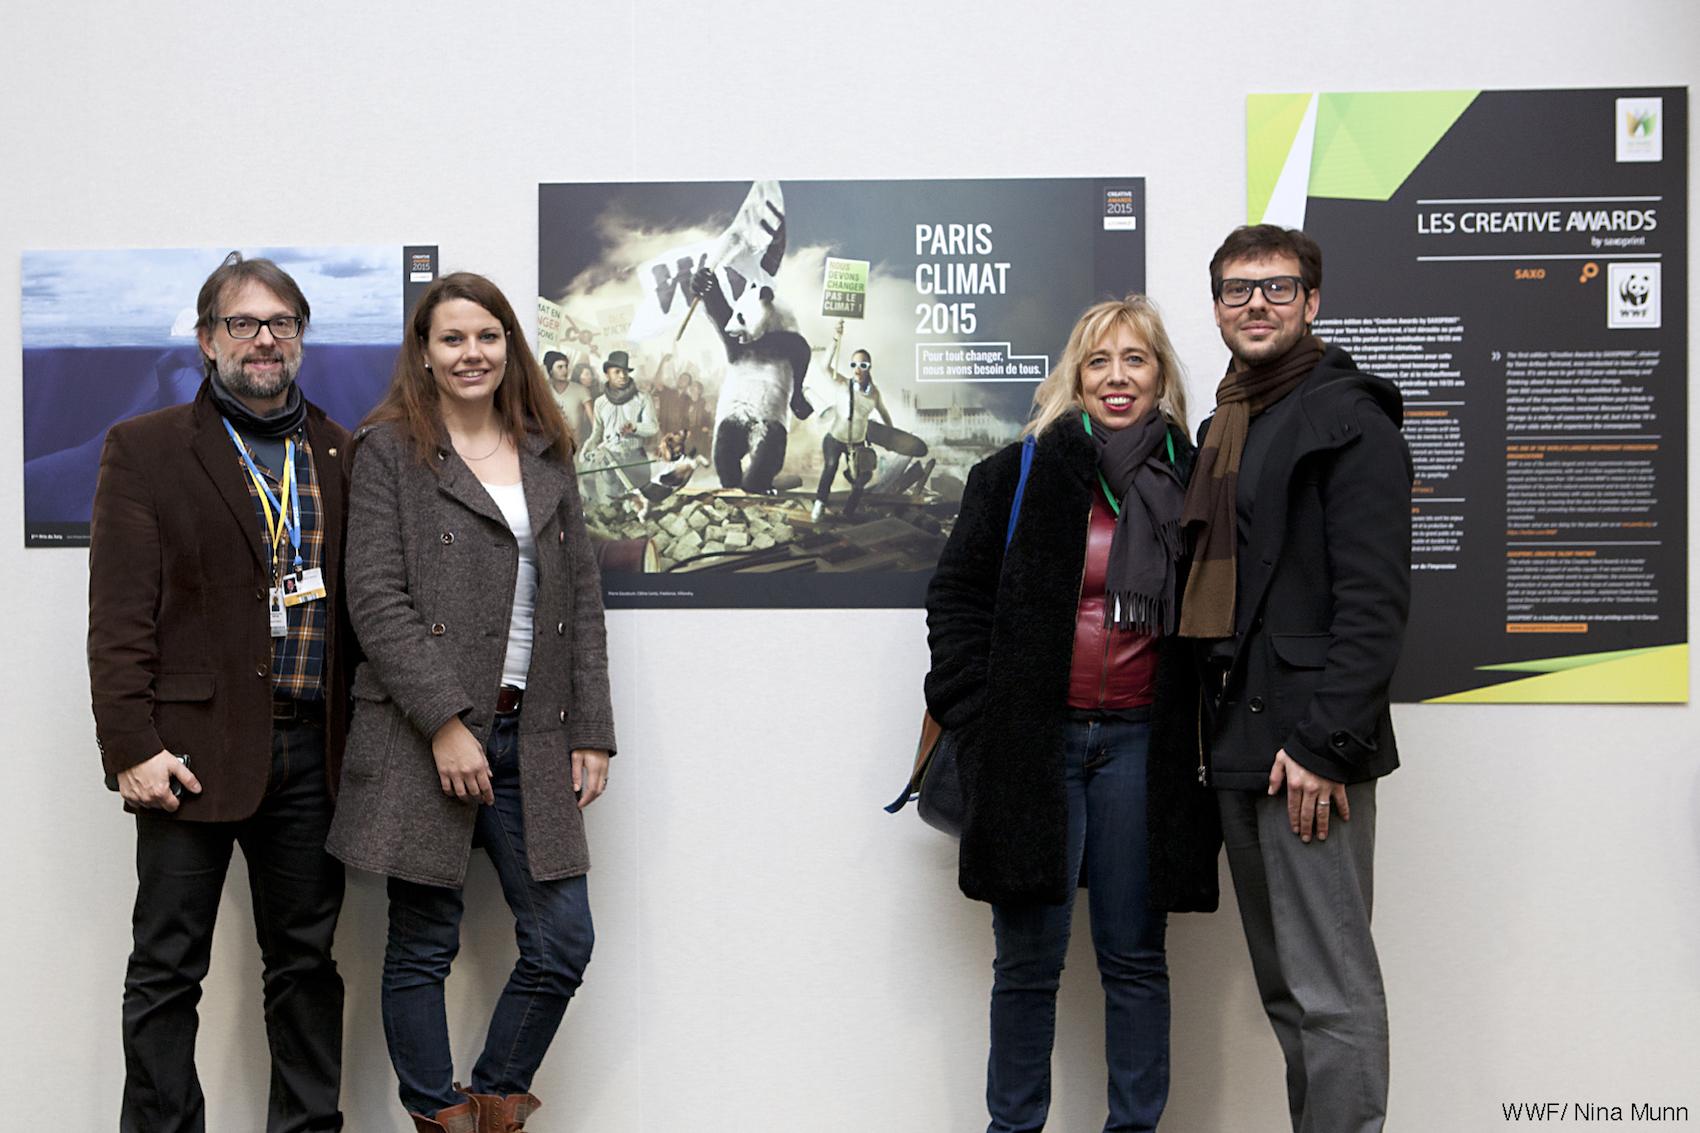 Vernissage de l'exposition à l'Orangerie